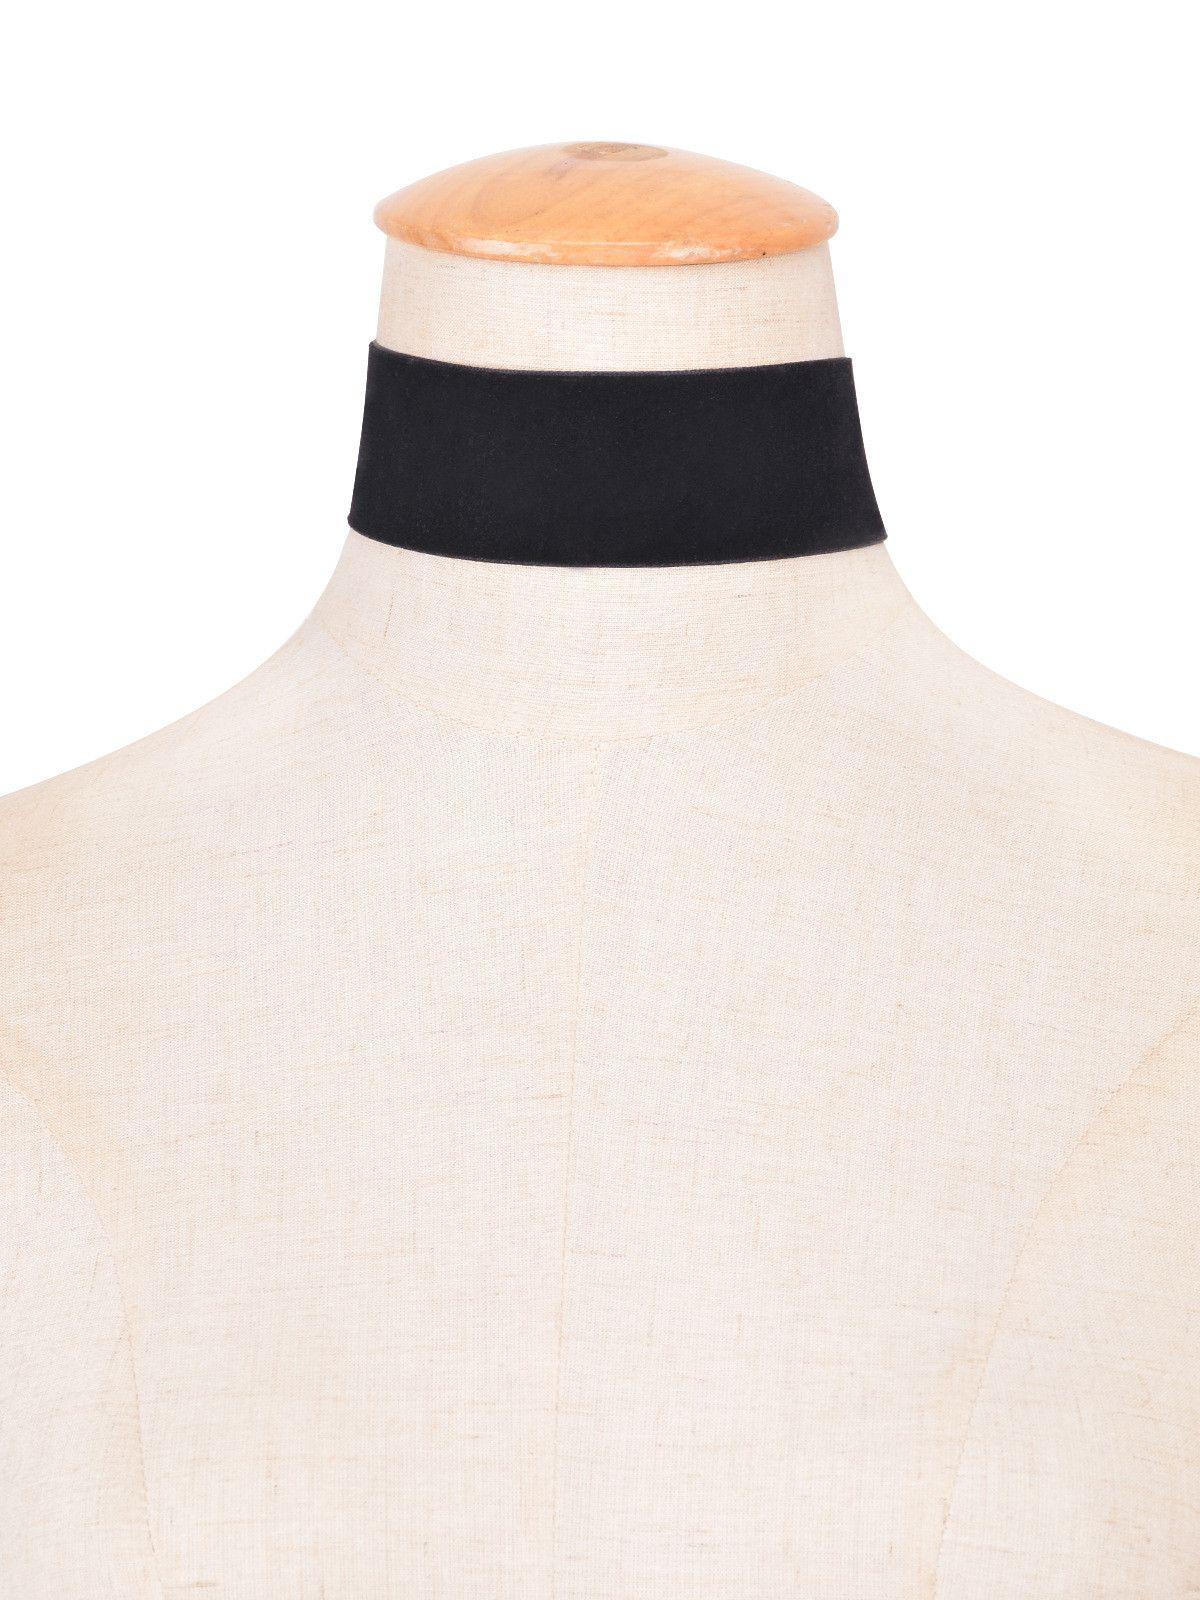 2016 donne punk black velvet choker collana vintage gotico grande velluto collana di gioielli fatti a mano collana di nastro le donne di nuovo modo